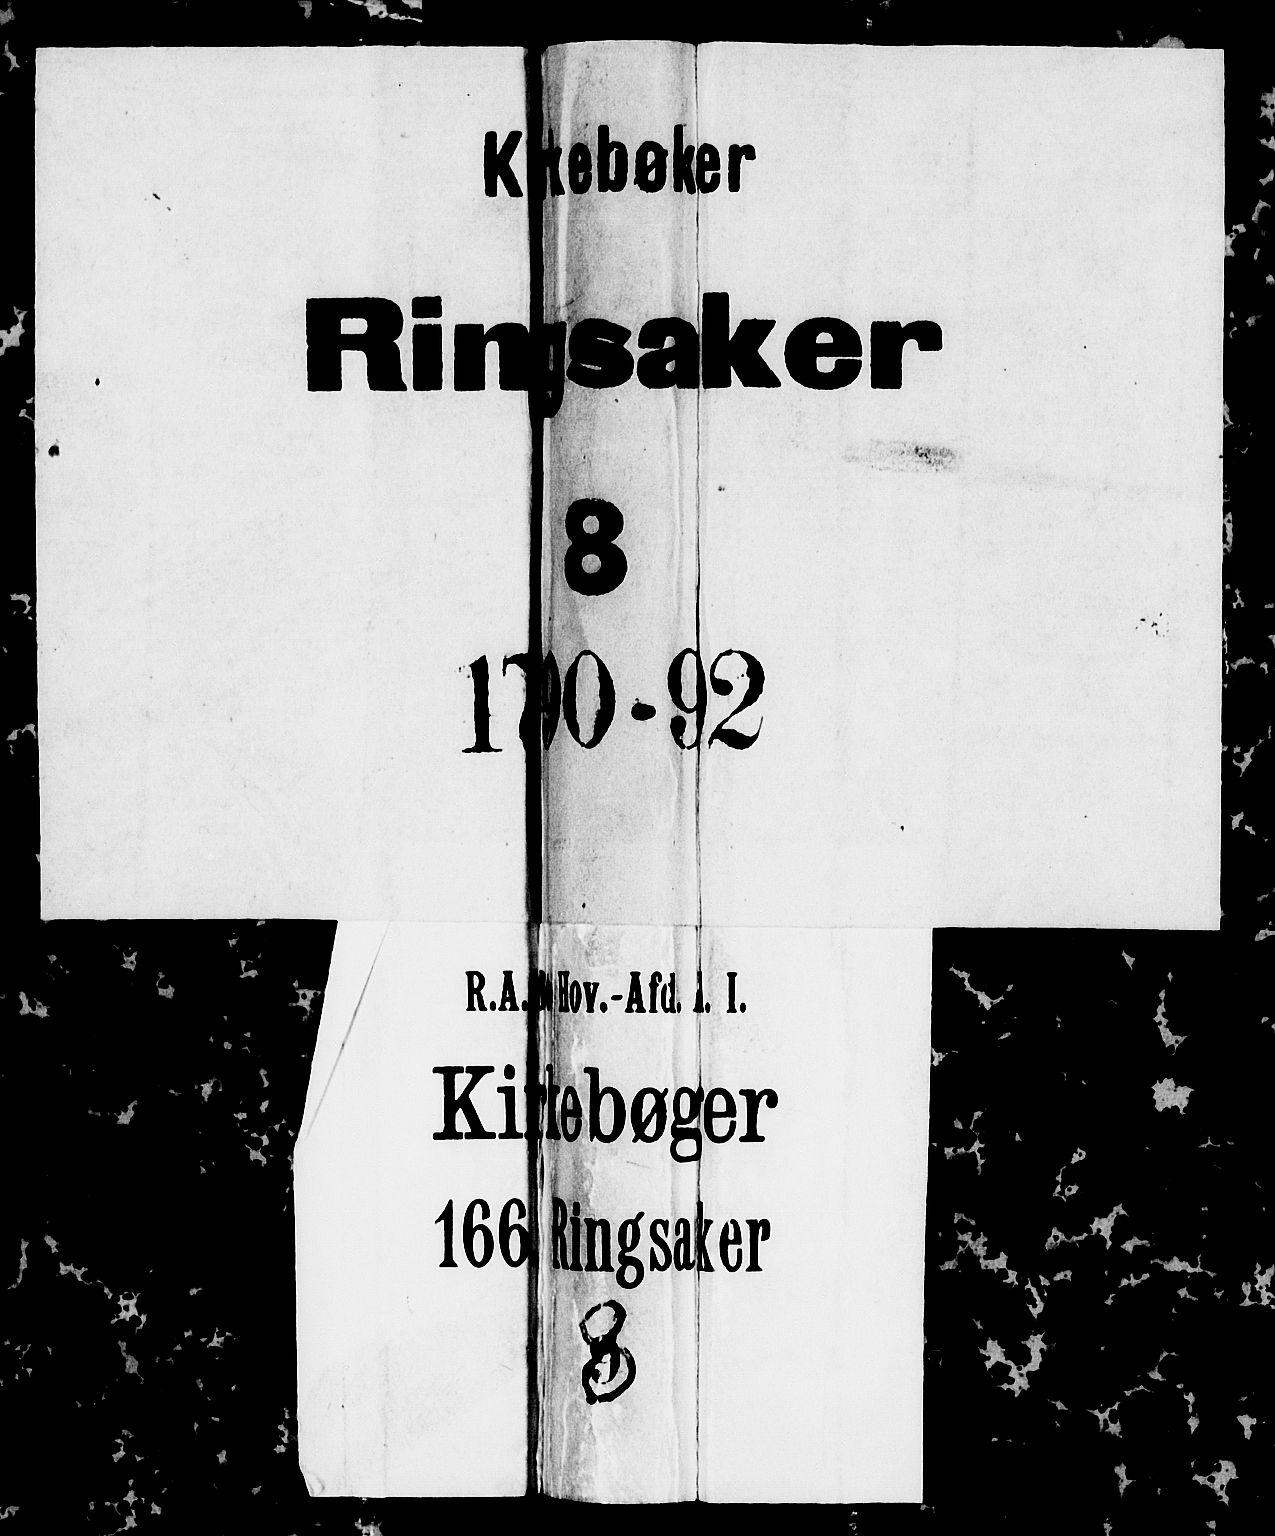 SAH, Ringsaker prestekontor, I/Ia/L0005/0005: Kladd til kirkebok nr. 1E, 1790-1792